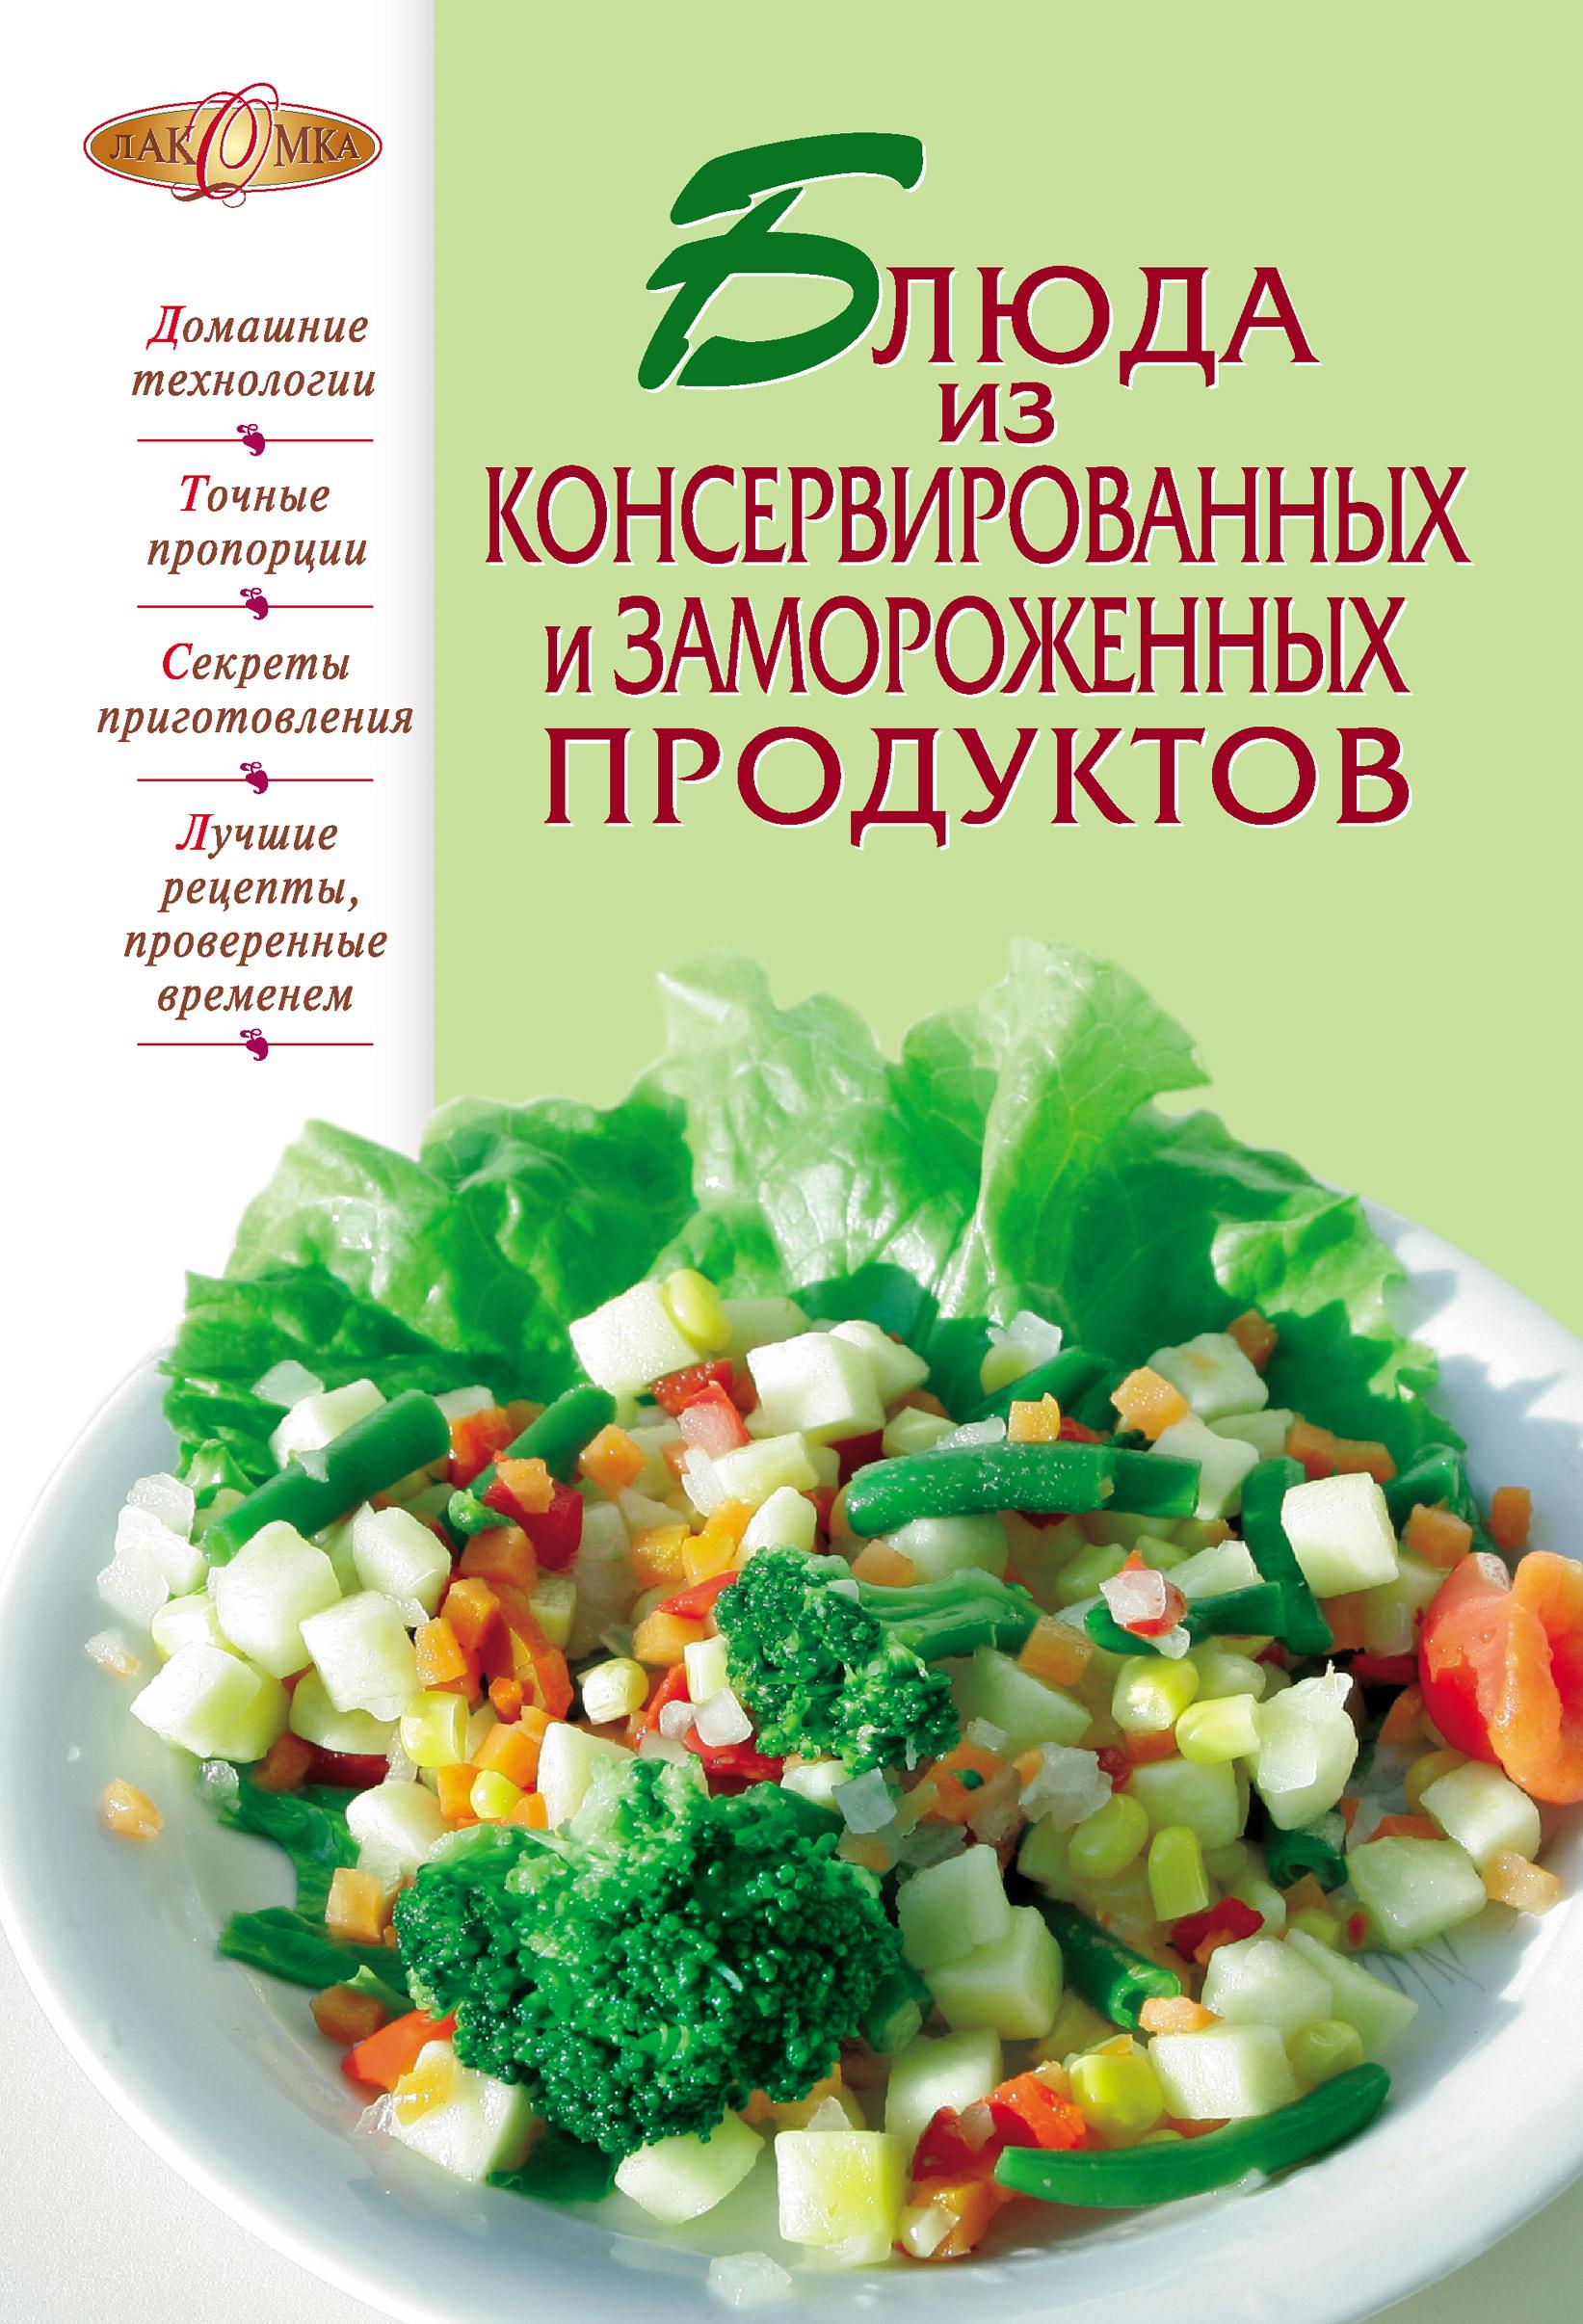 купить Сборник рецептов Блюда из консервированных и замороженных продуктов по цене 59.9 рублей